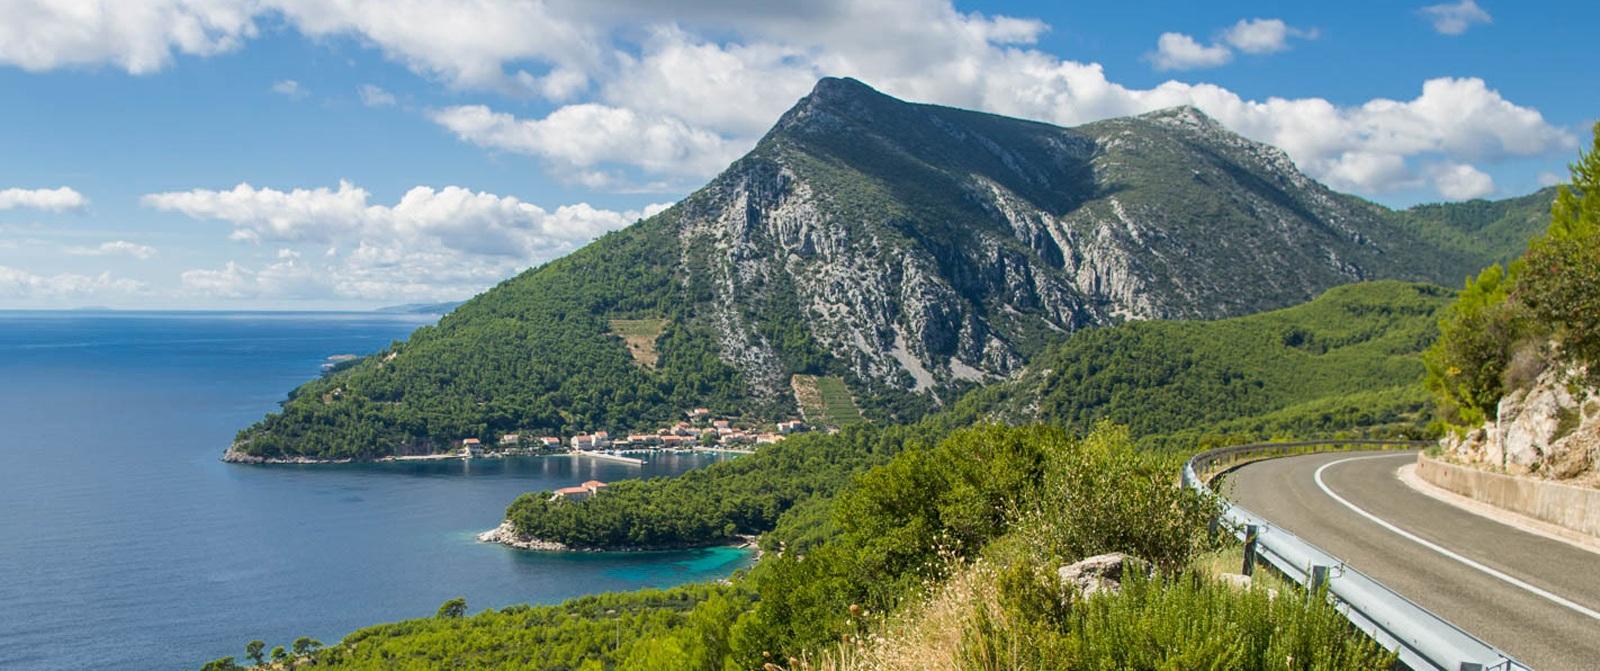 Croatia Bike Tours Amp Trips Dalmatian Coast Cycling Tour